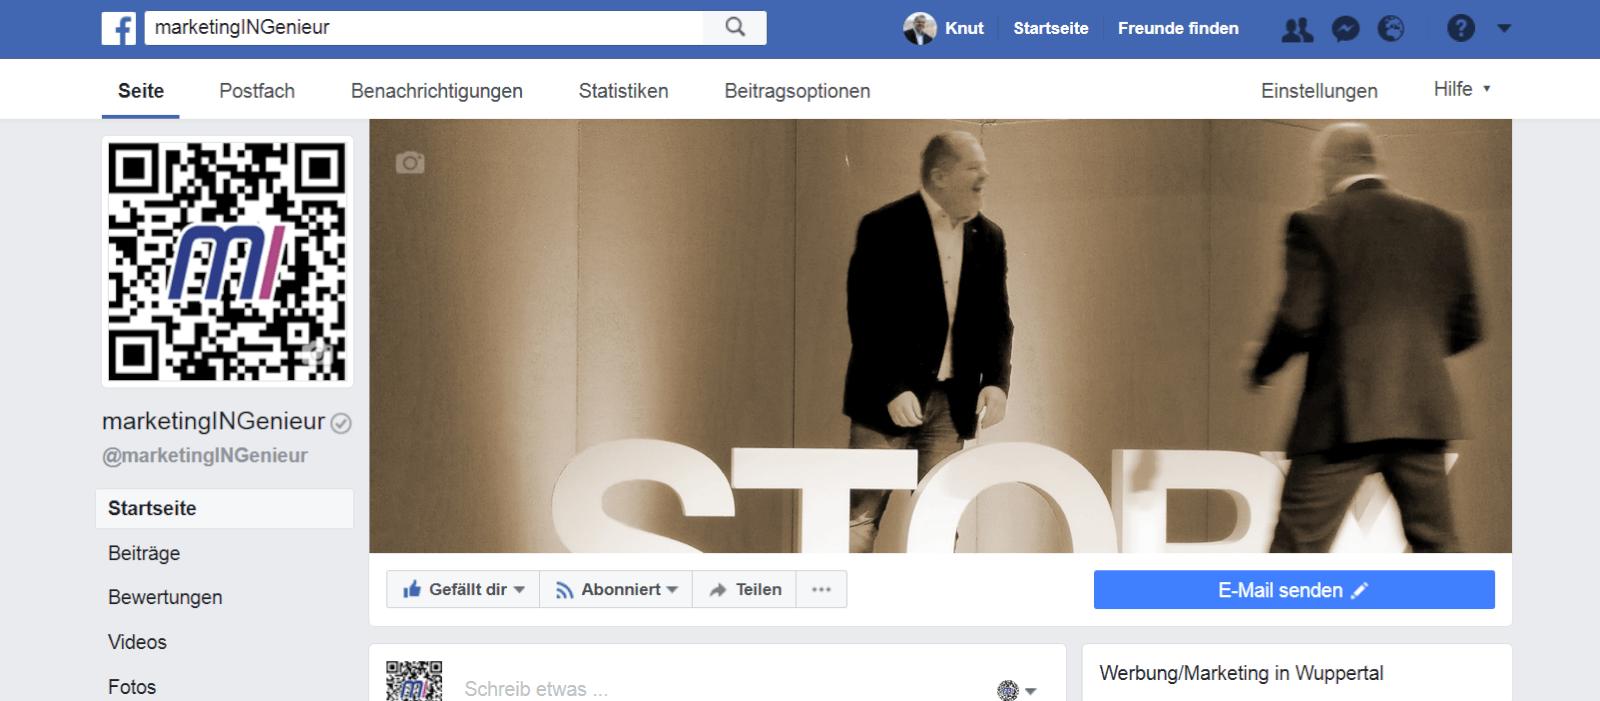 Facebook-Seite marketingINGenieur